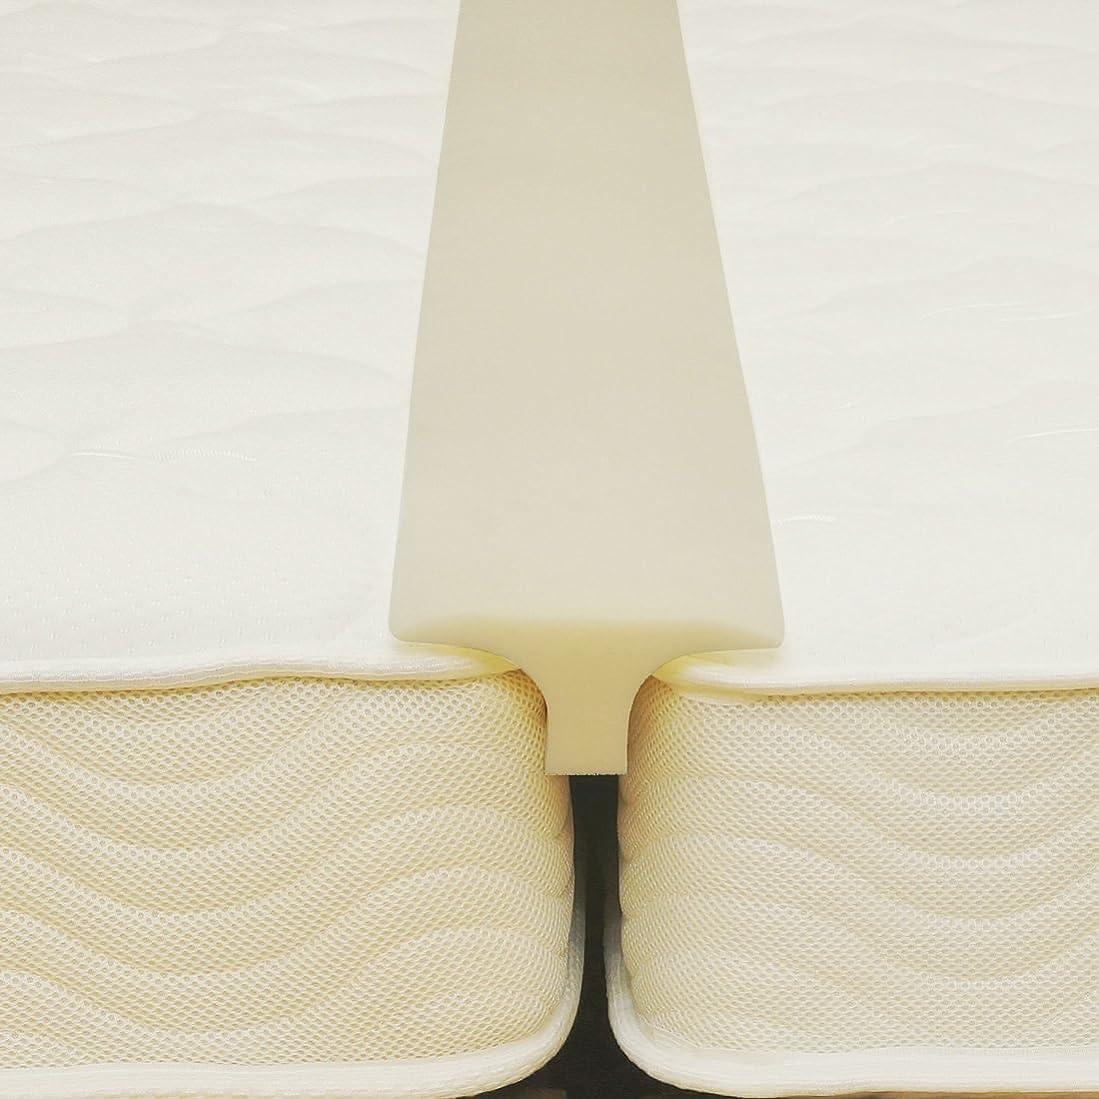 知るマイルド干し草洗えるカバー付き すきまパッド ファミリーサイズ 2台のつなぎ目隙間をうめる ベッド用 隙間パッド (カバーなし?本体のみ)